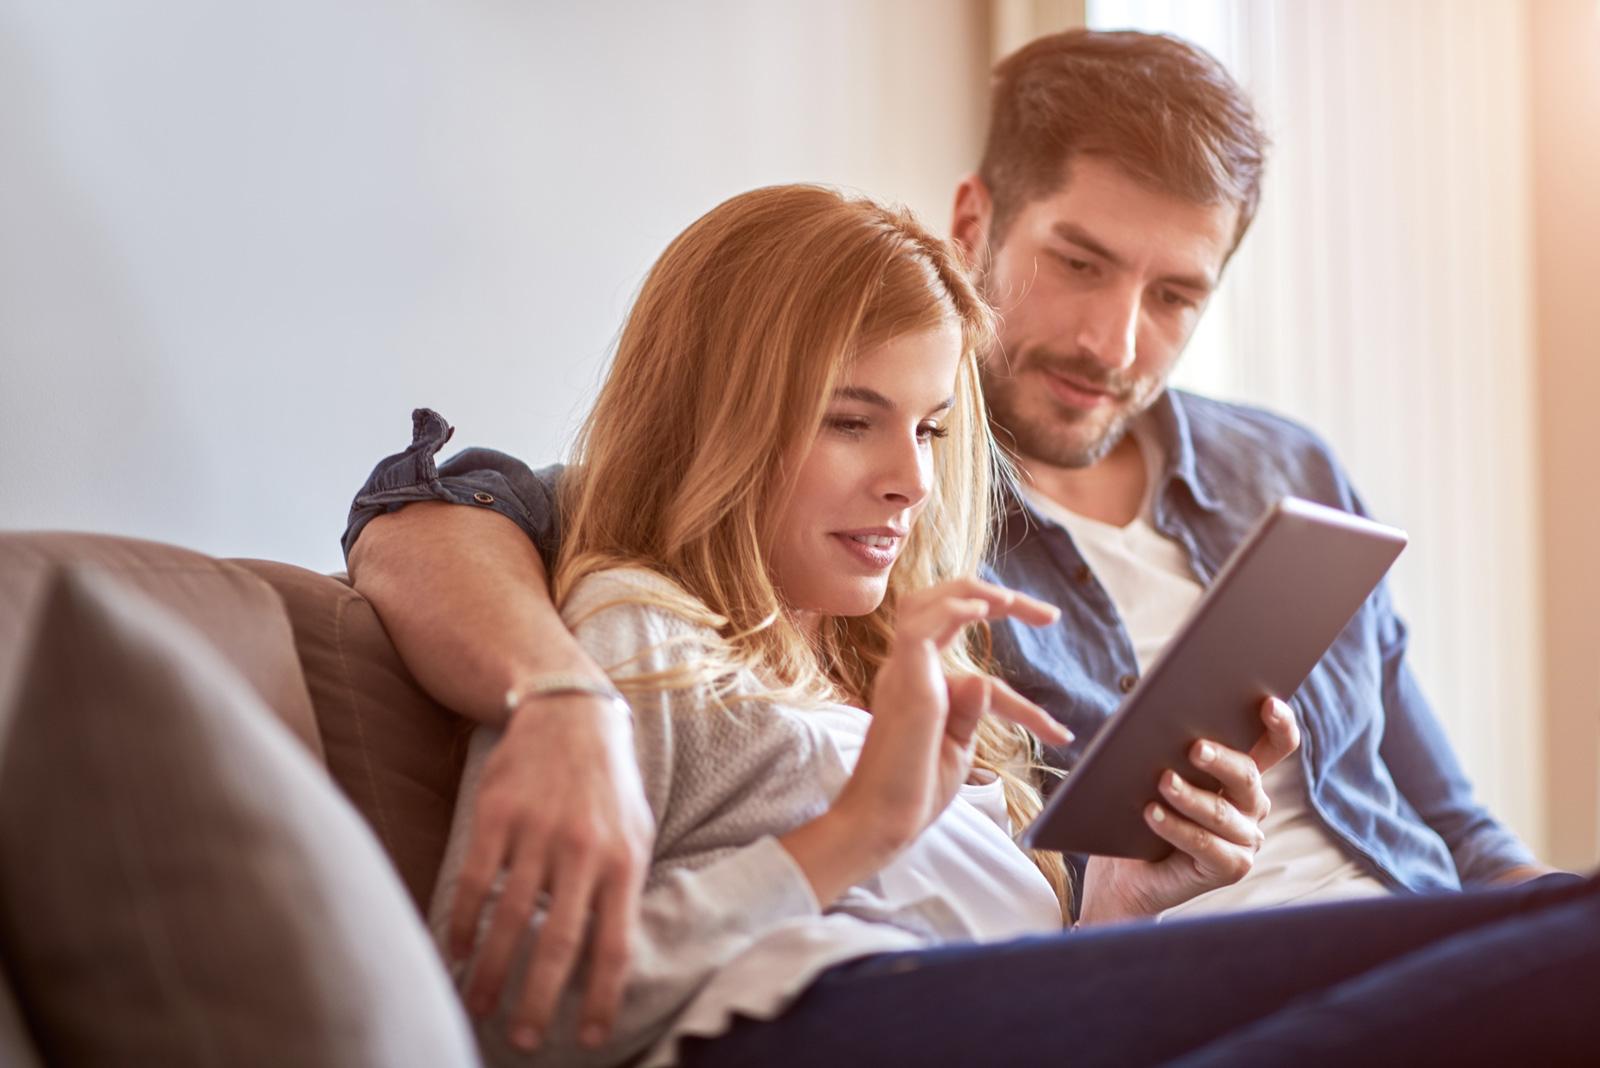 Grundriss planen: Mit den richtigen Apps kannst du dir dein Haus auf dem Tablet oder Smartphone selbst gestalten.